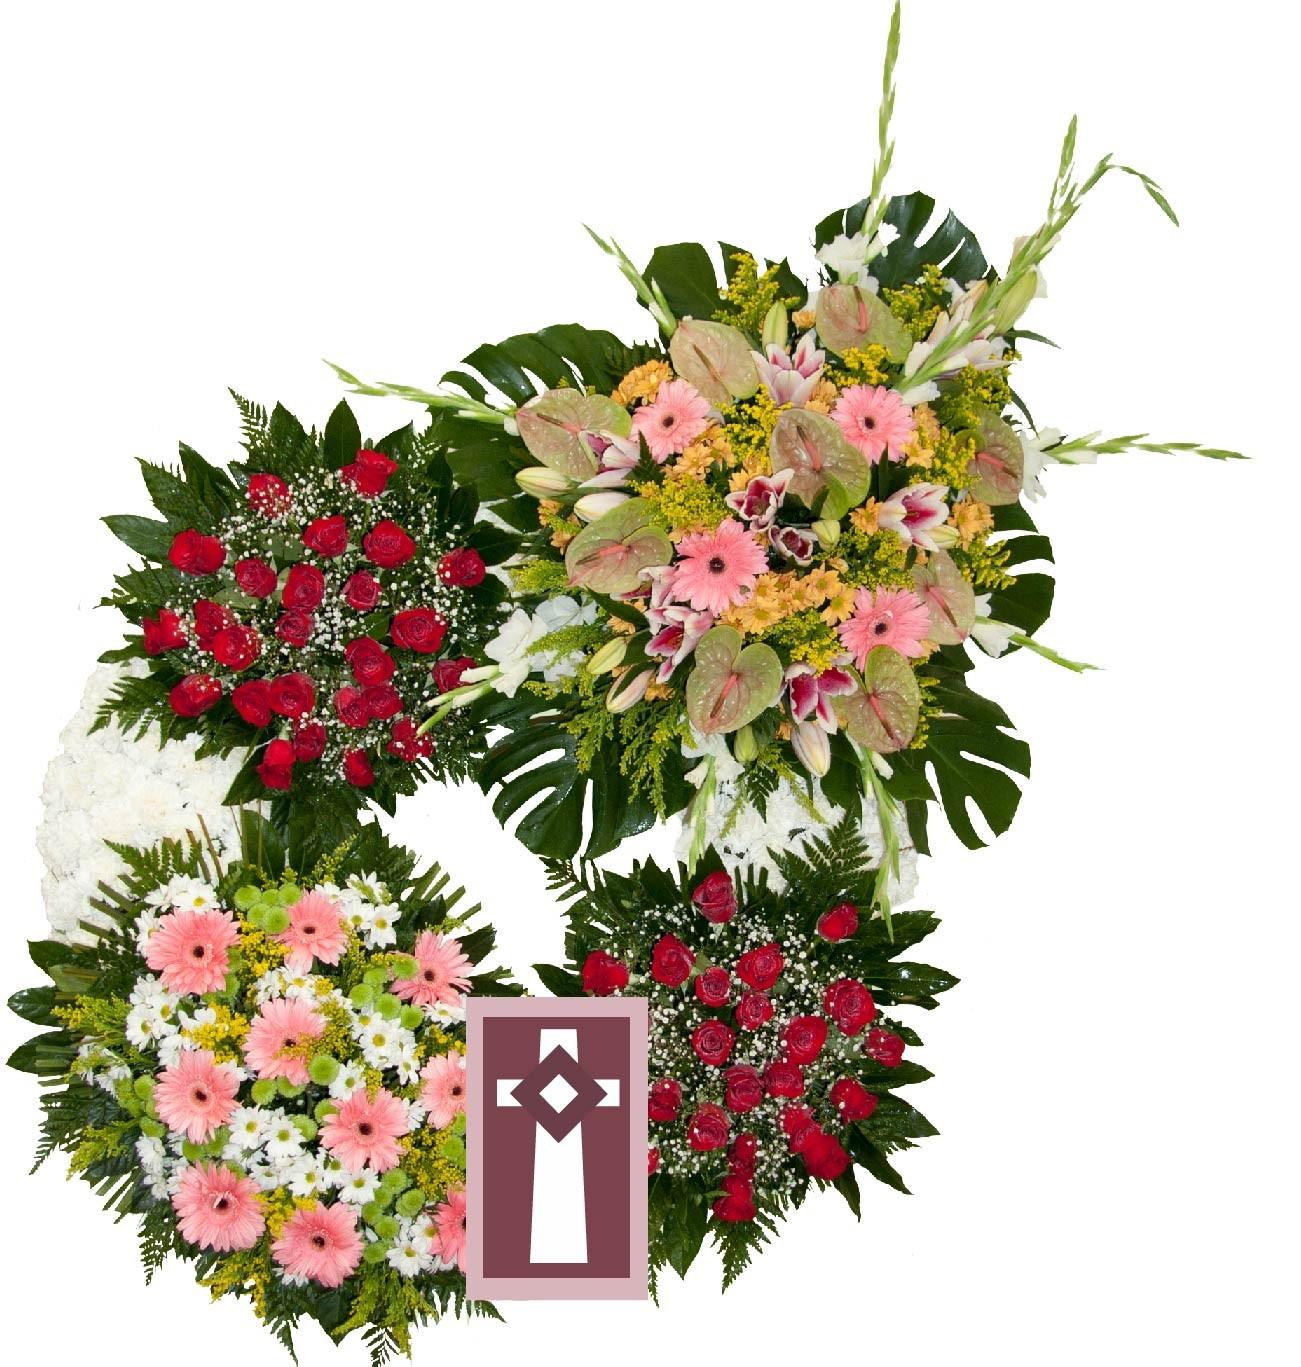 Corona. Especial 4 Cabezales, en flor natural. Dimensiones: Aro de 100cm de diámetro con cuatro centros de flor variada.